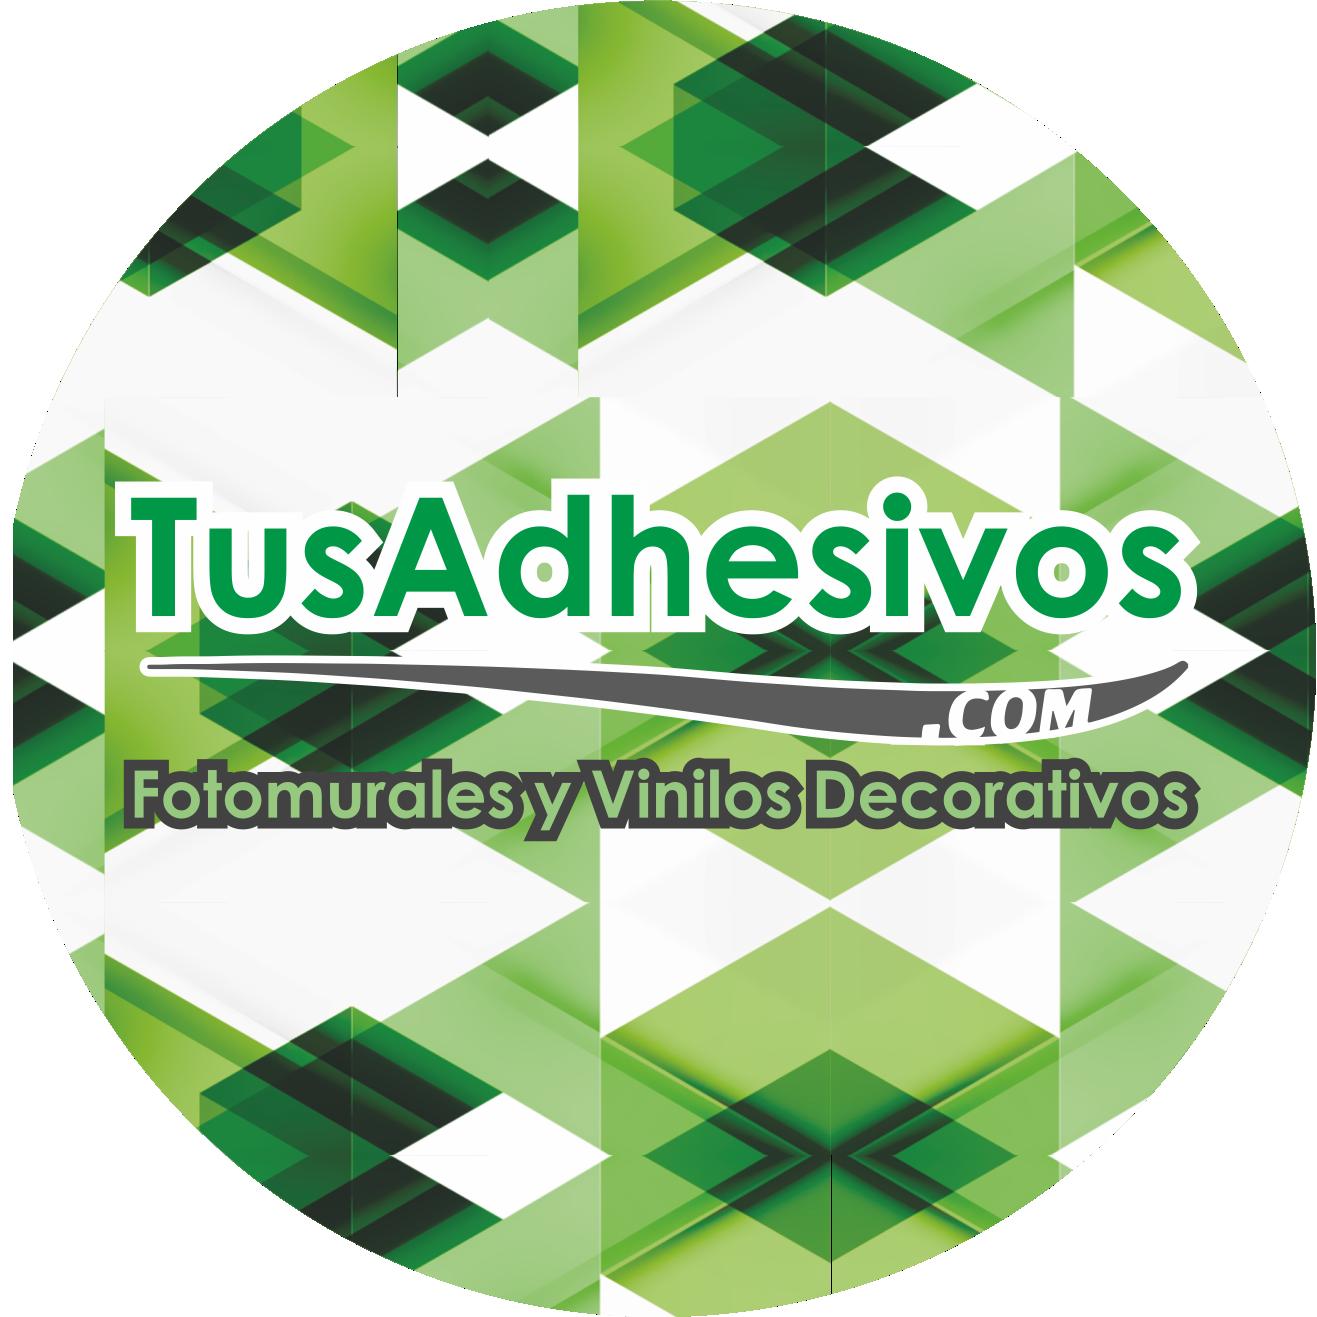 Tusadhesivos.com